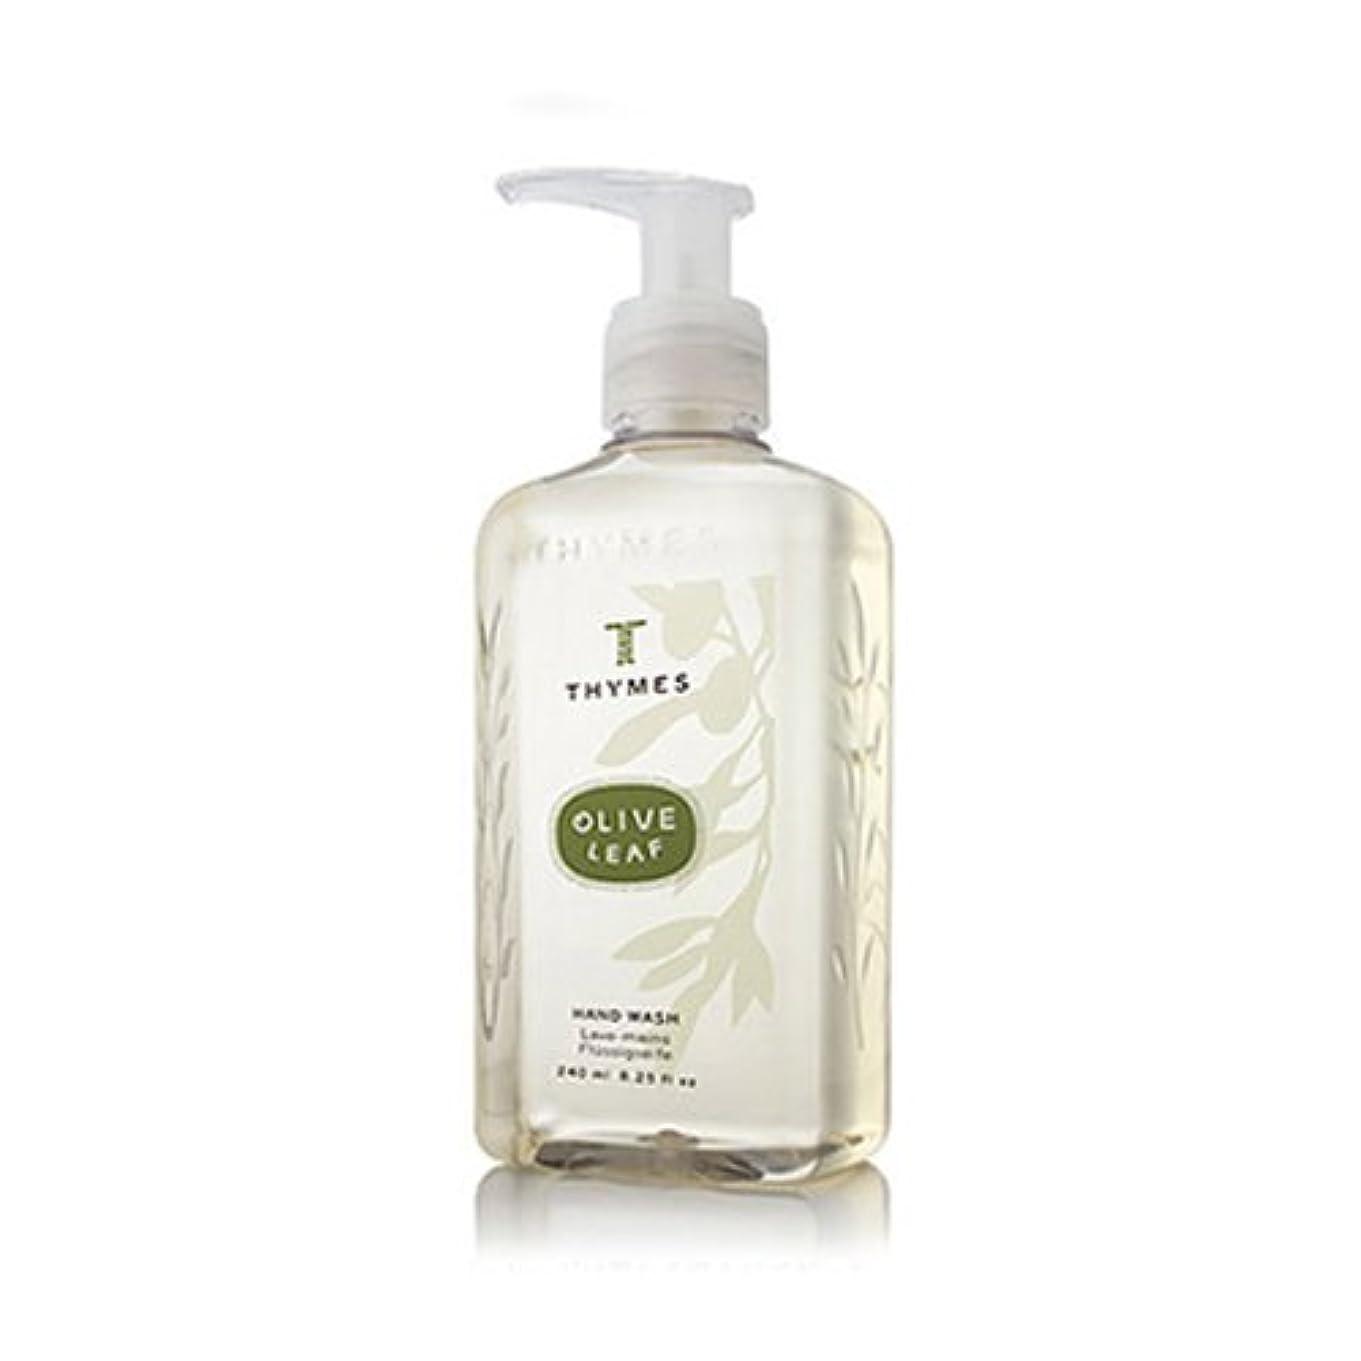 一見制限されたチーターTHYMES タイムズ ハンドウォッシュ 240ml オリーブリーフ Hand Wash 8.25 fl oz Olive Leaf [並行輸入品]